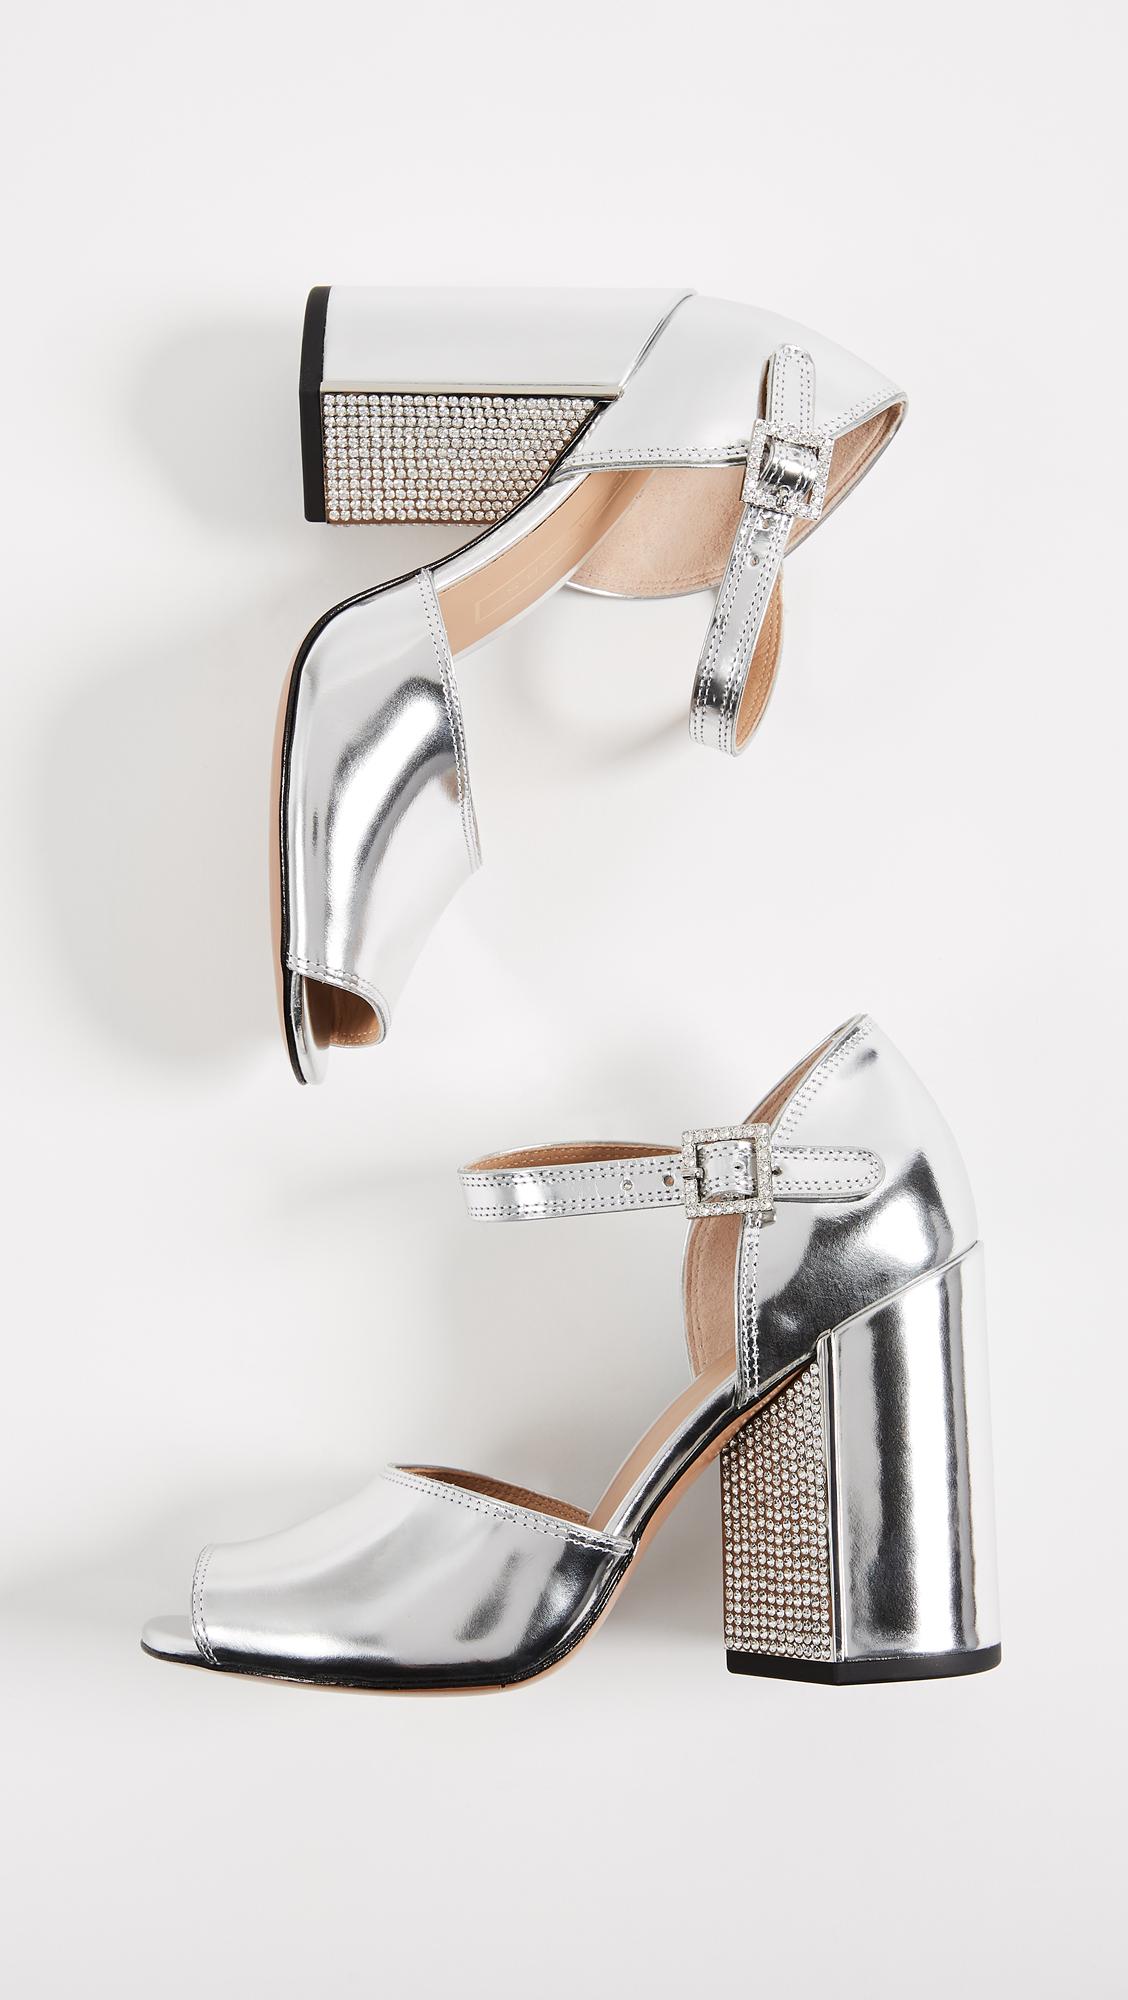 Kasia Strass Sandal Marc Jacobs IEl3uzW